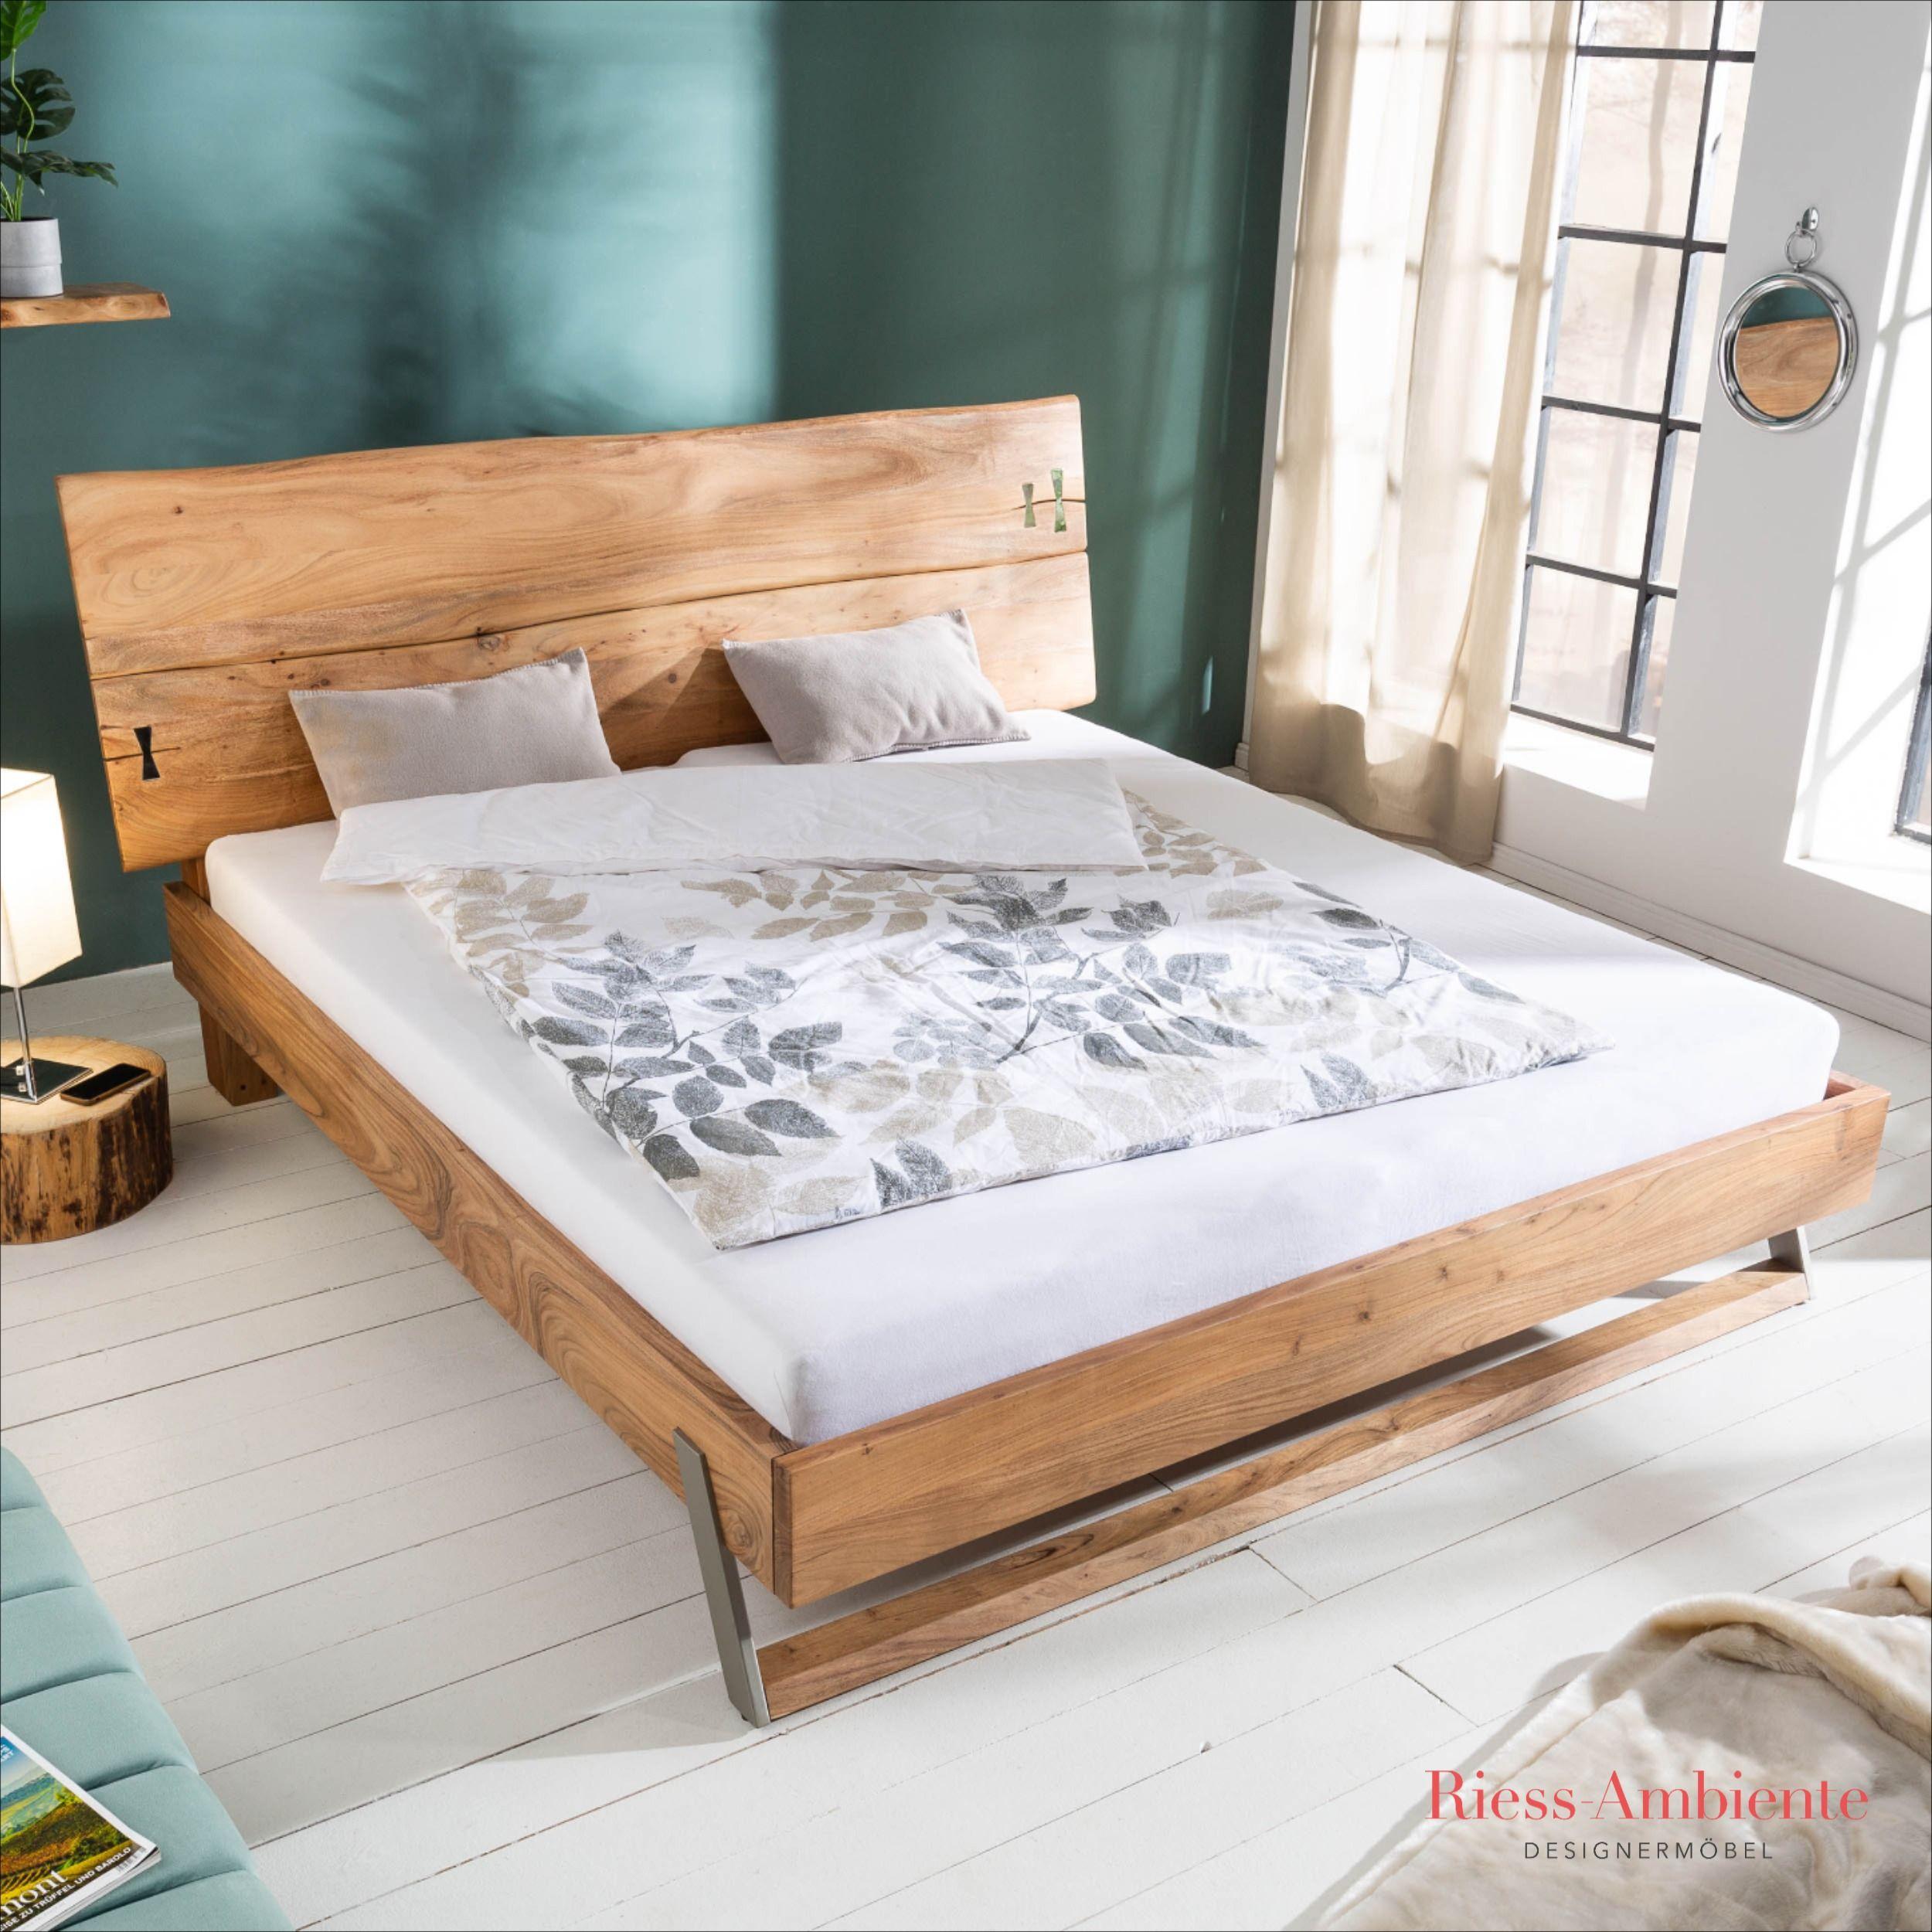 Massives Baumstamm Bett Mammut 180x200cm Akazie Natur Inkl Lattenrost Wohnung Dekoration Schlafzimmermöbel Bett